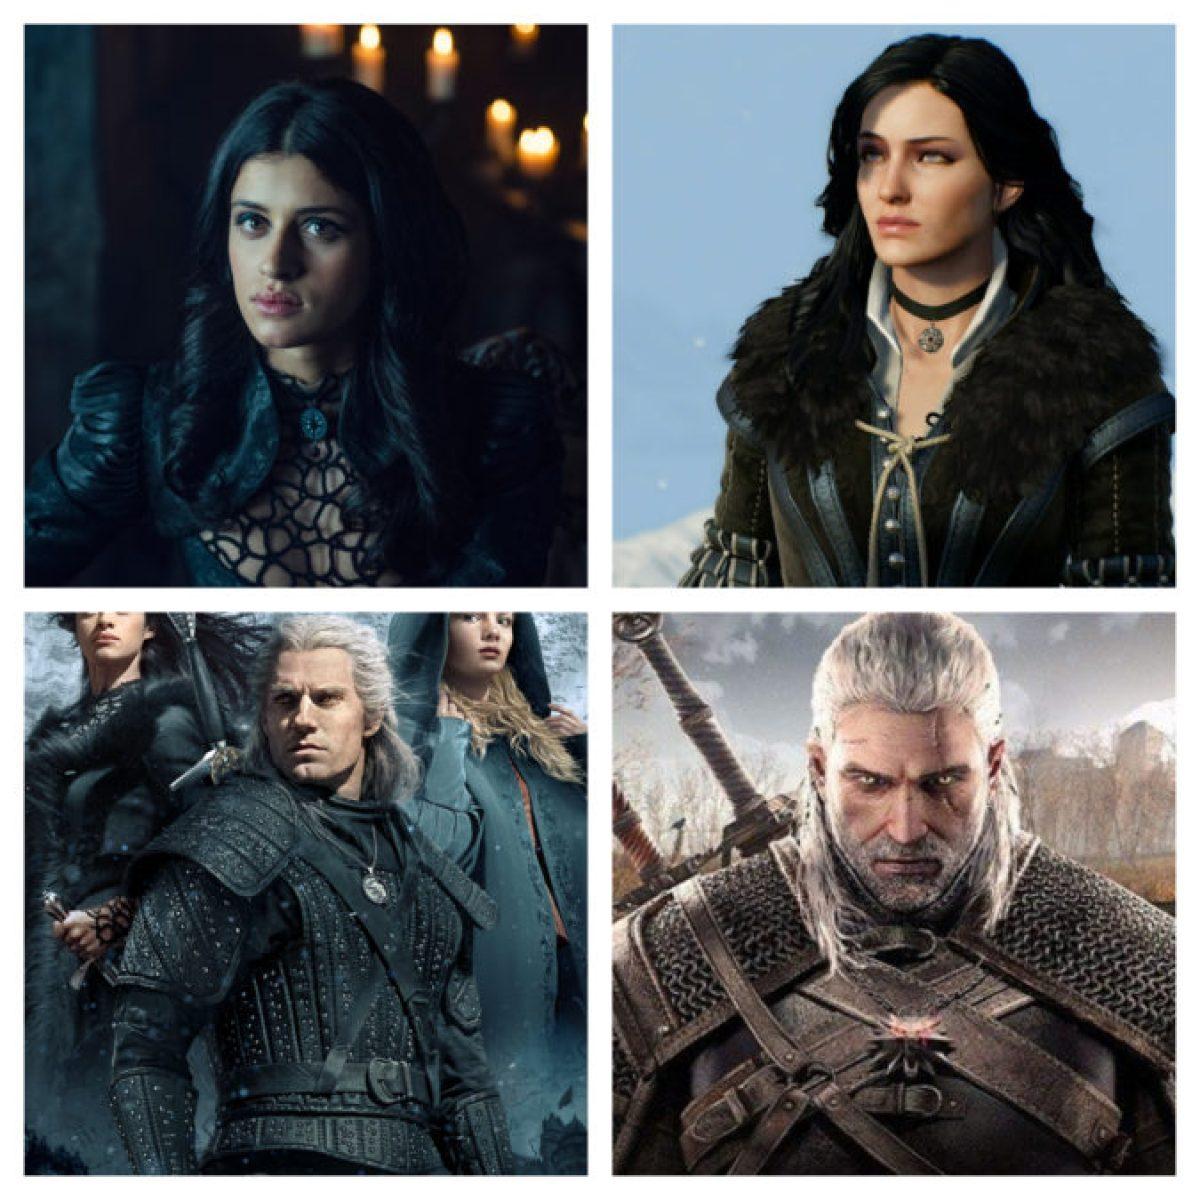 A comparação Witcher com personagens do jogo